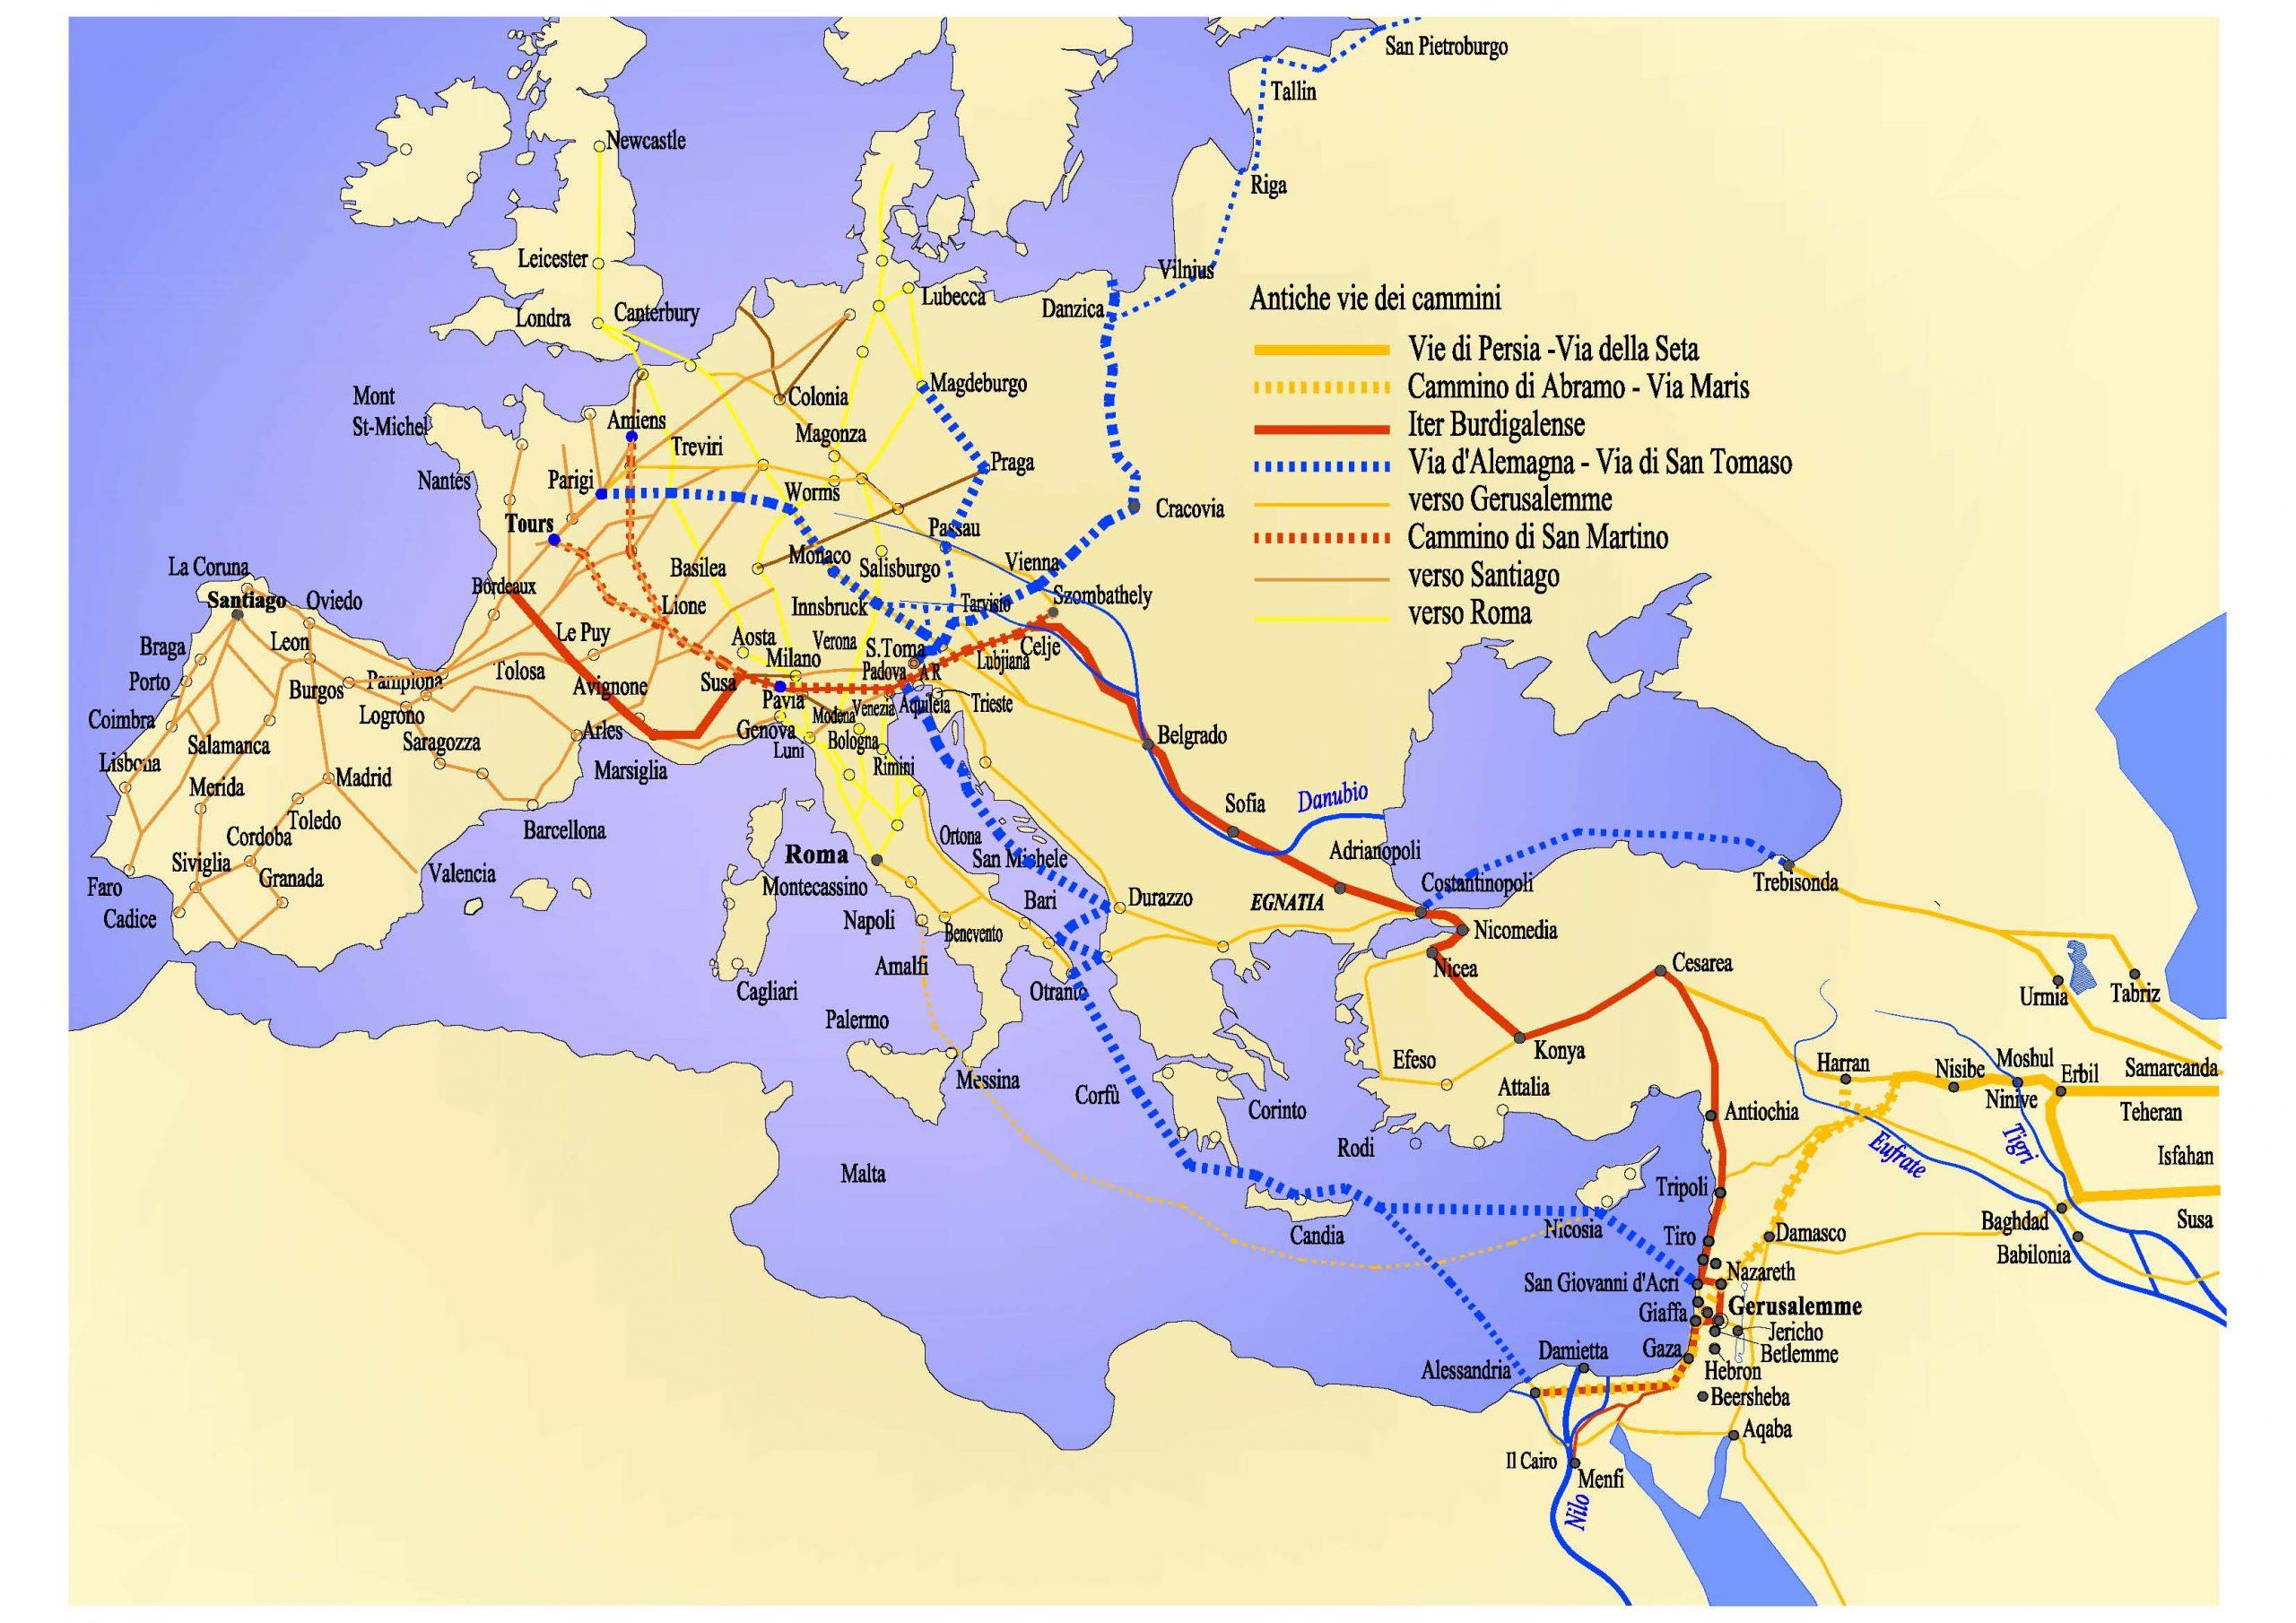 mappa-europa-29-01-18-ltt